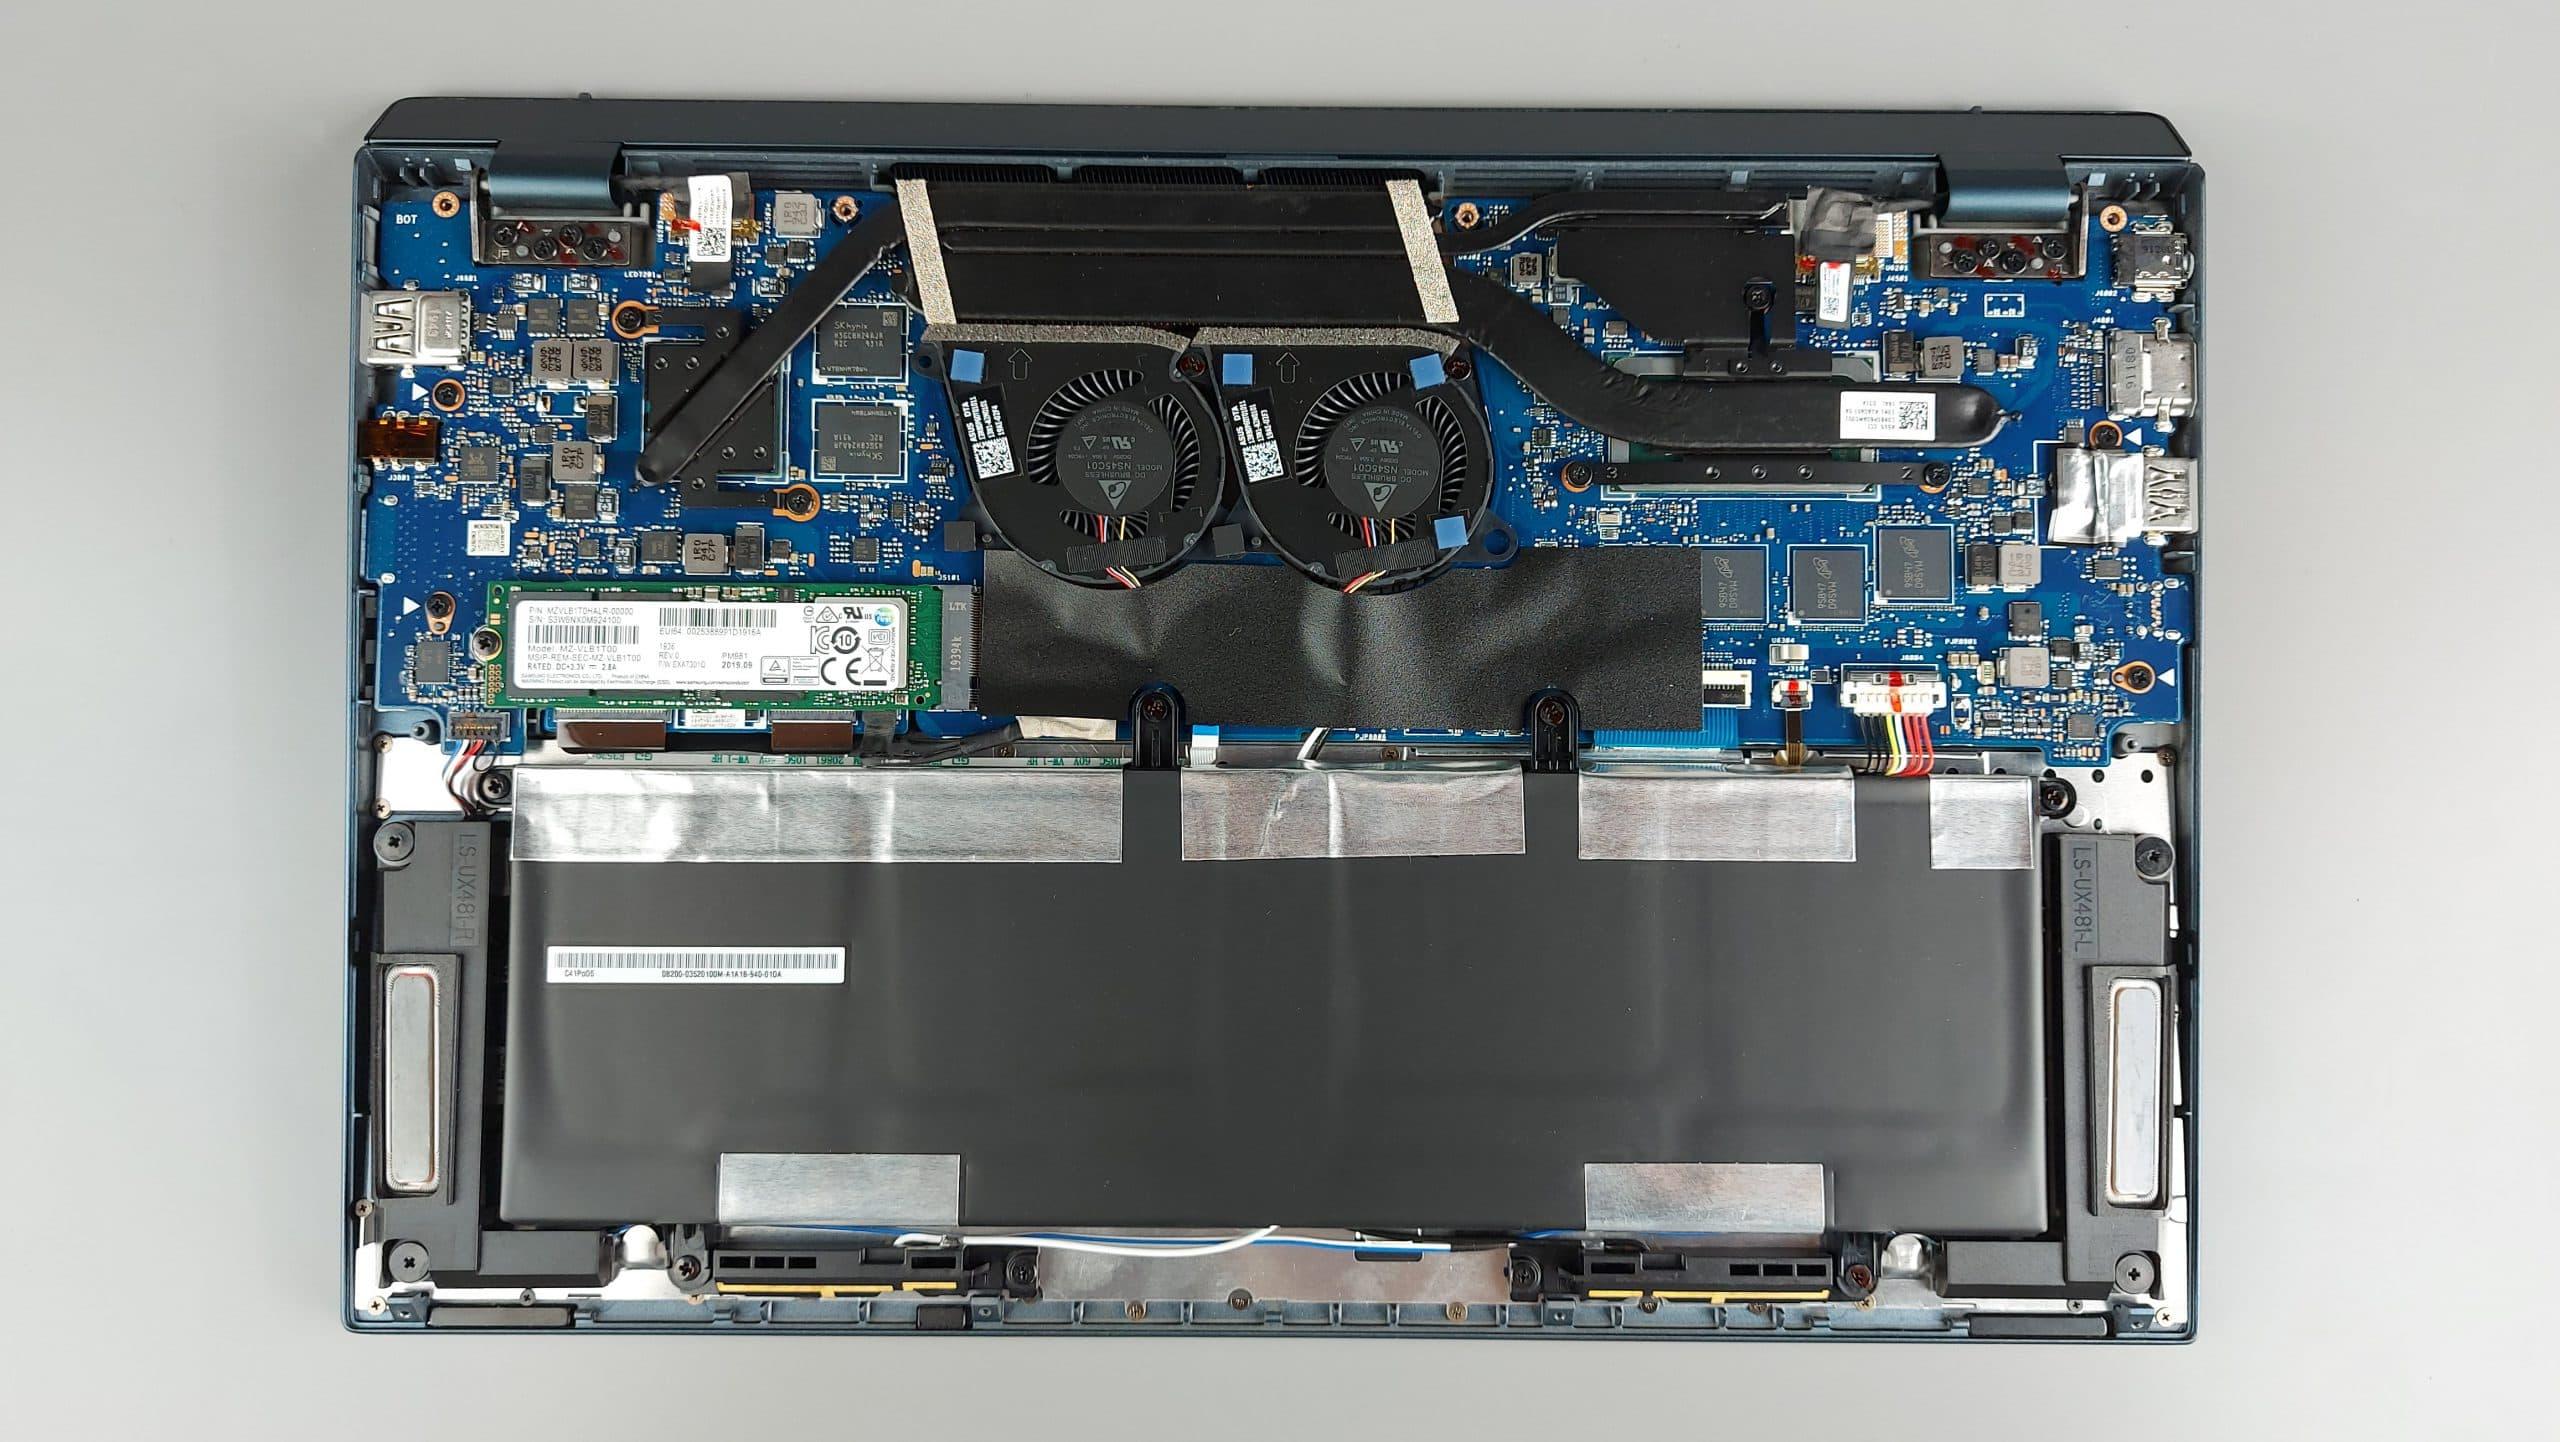 ZenBook Duo 14 UX482 là chiếc máy hai màn hình giúp quá trình làm việc đa nhiệm trở nên nhanh và tiện lợi hơn bao giờ hết.